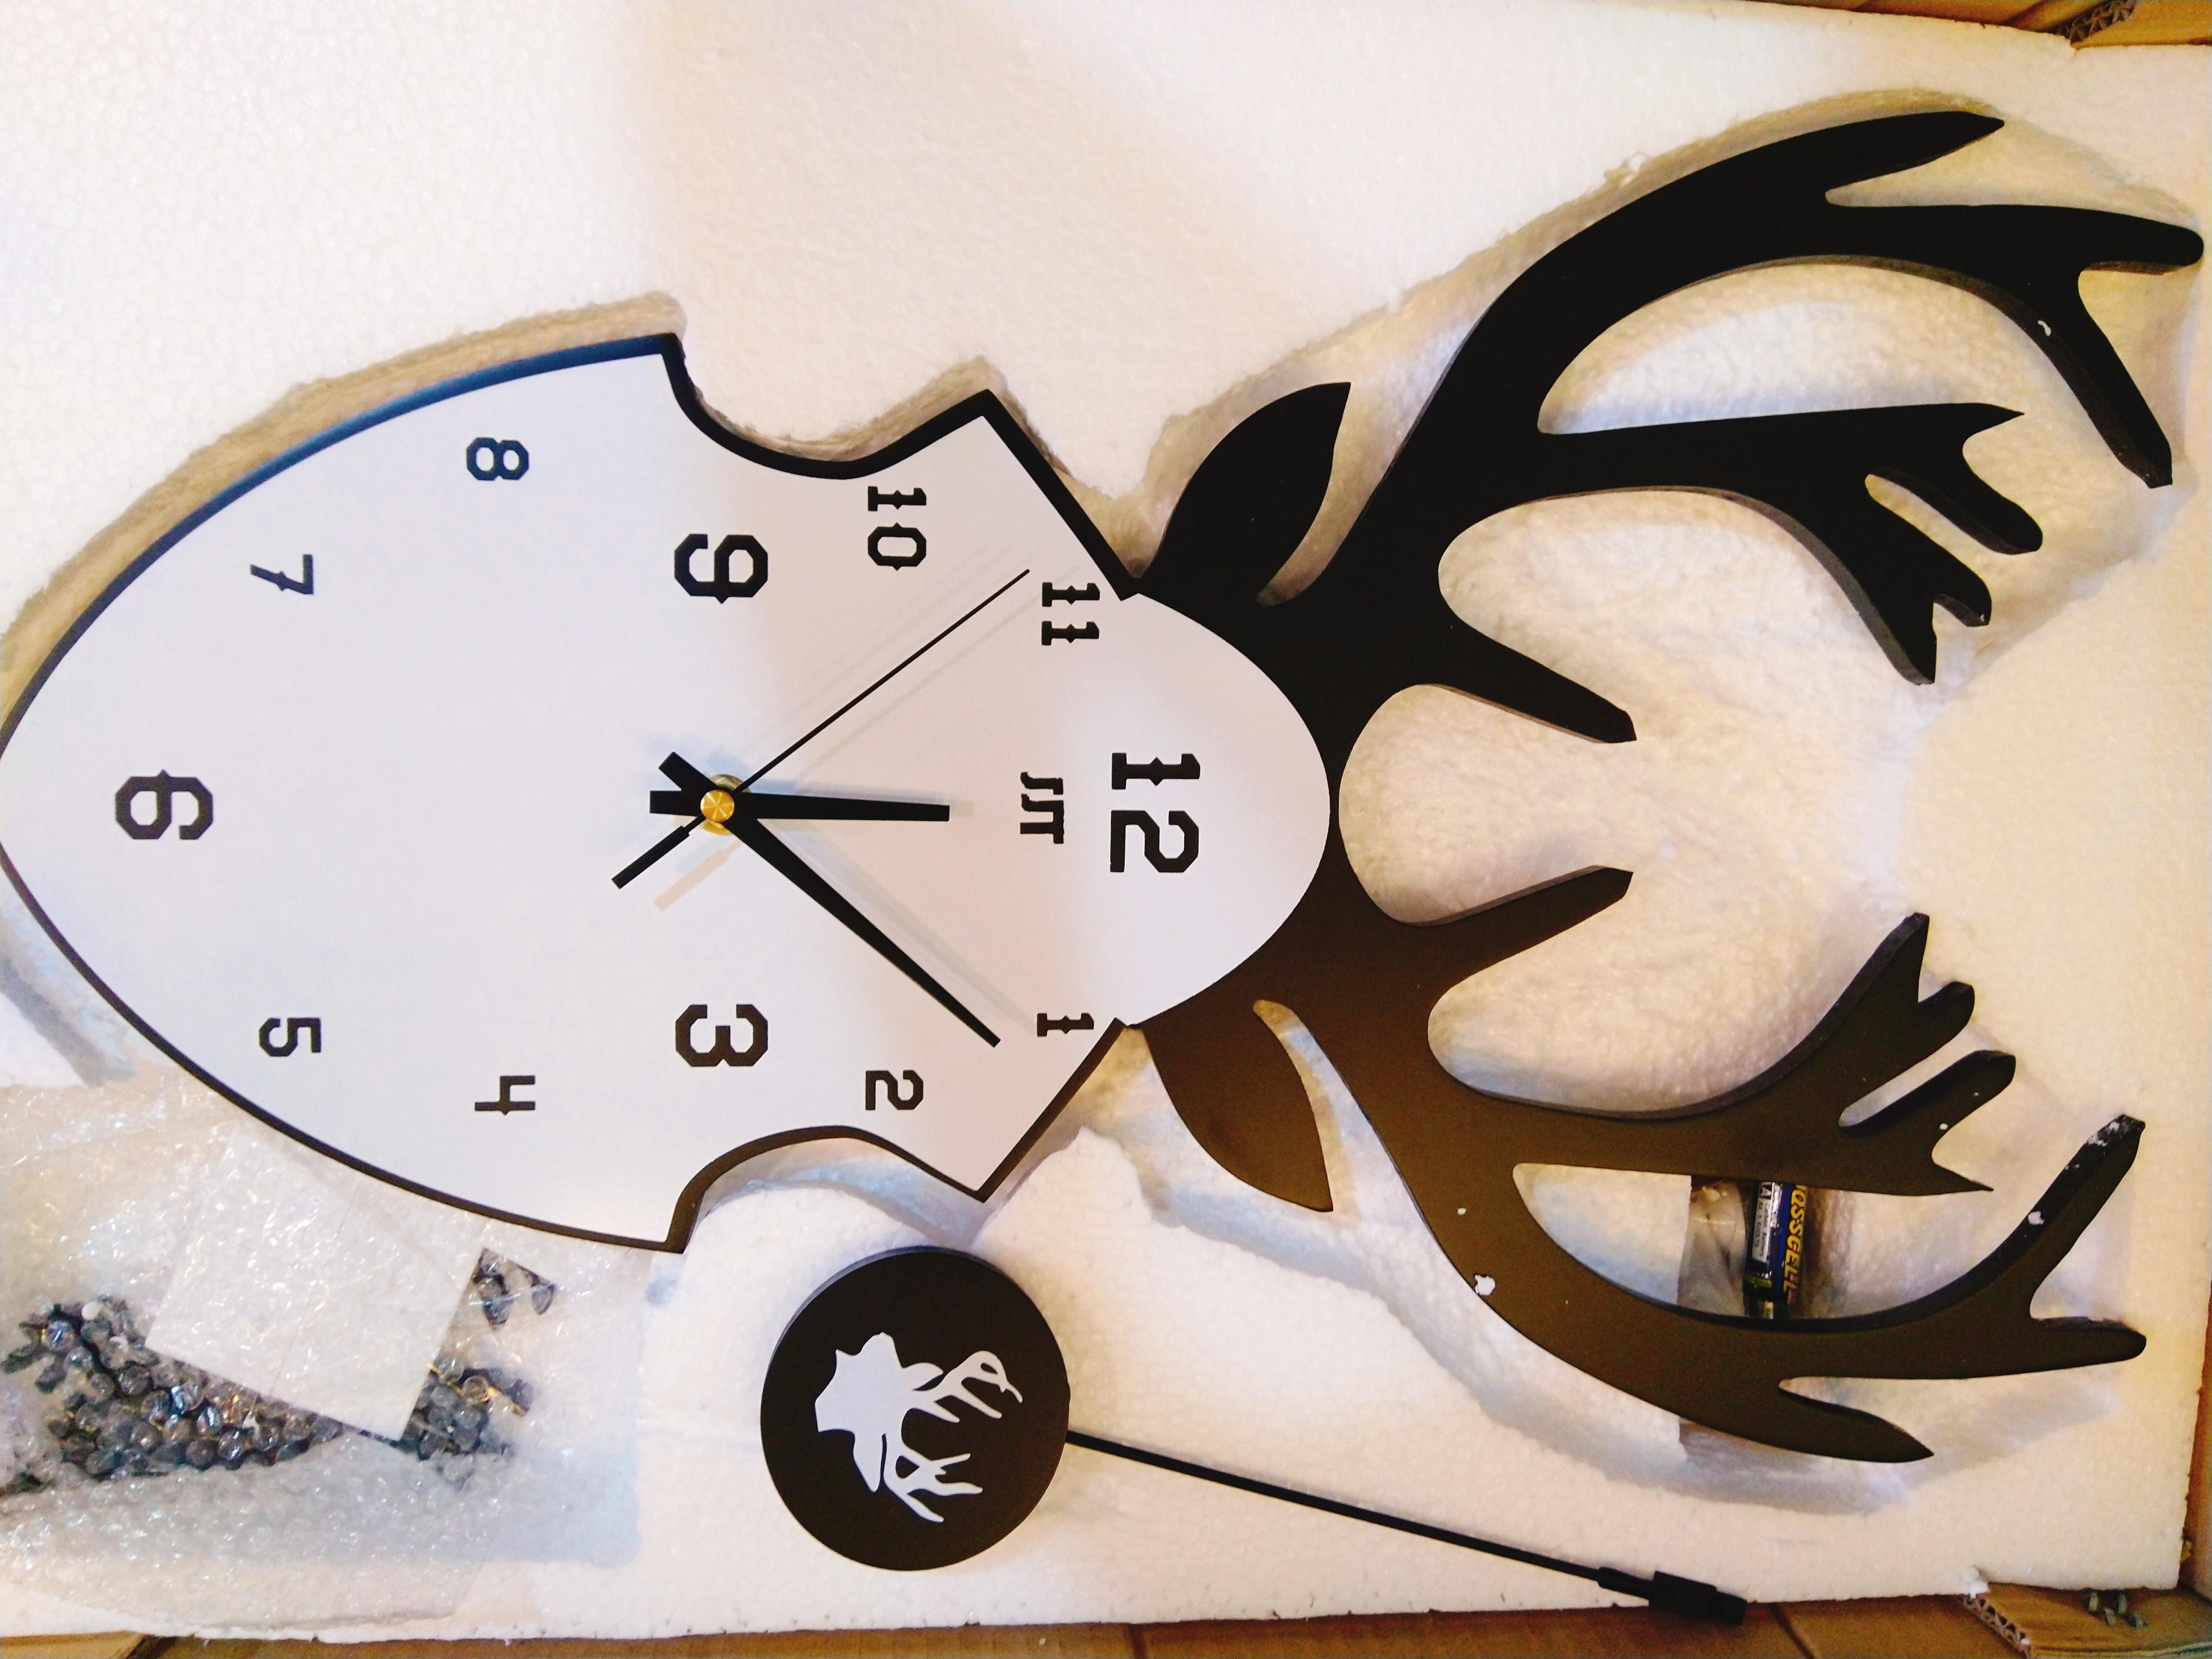 Hình đồng hồ thực tế nằm trong hộp chụp cận cảnh